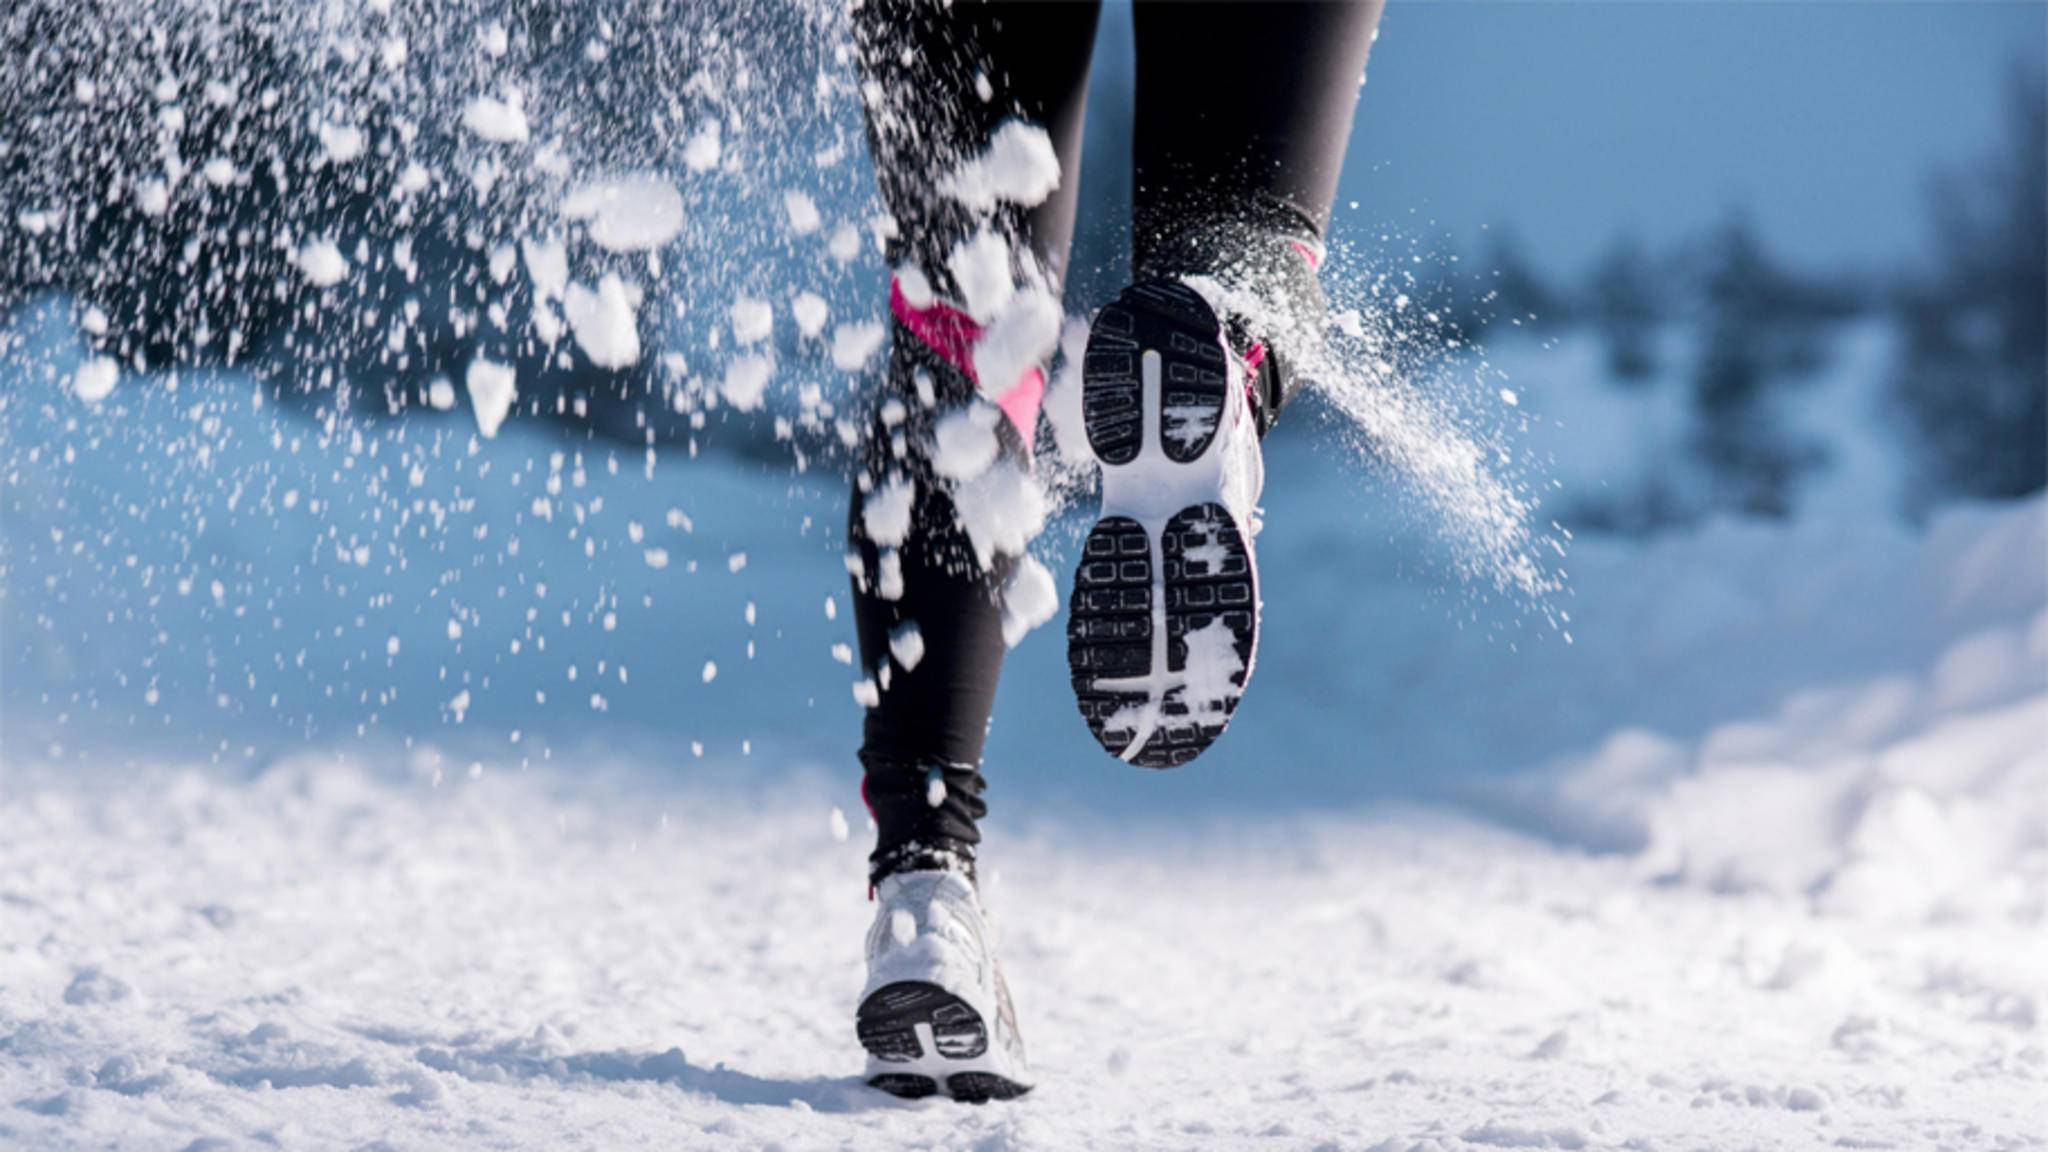 Nicht immer einfach, aber besonders wichtig im Winter: aktiv werden und bleiben.